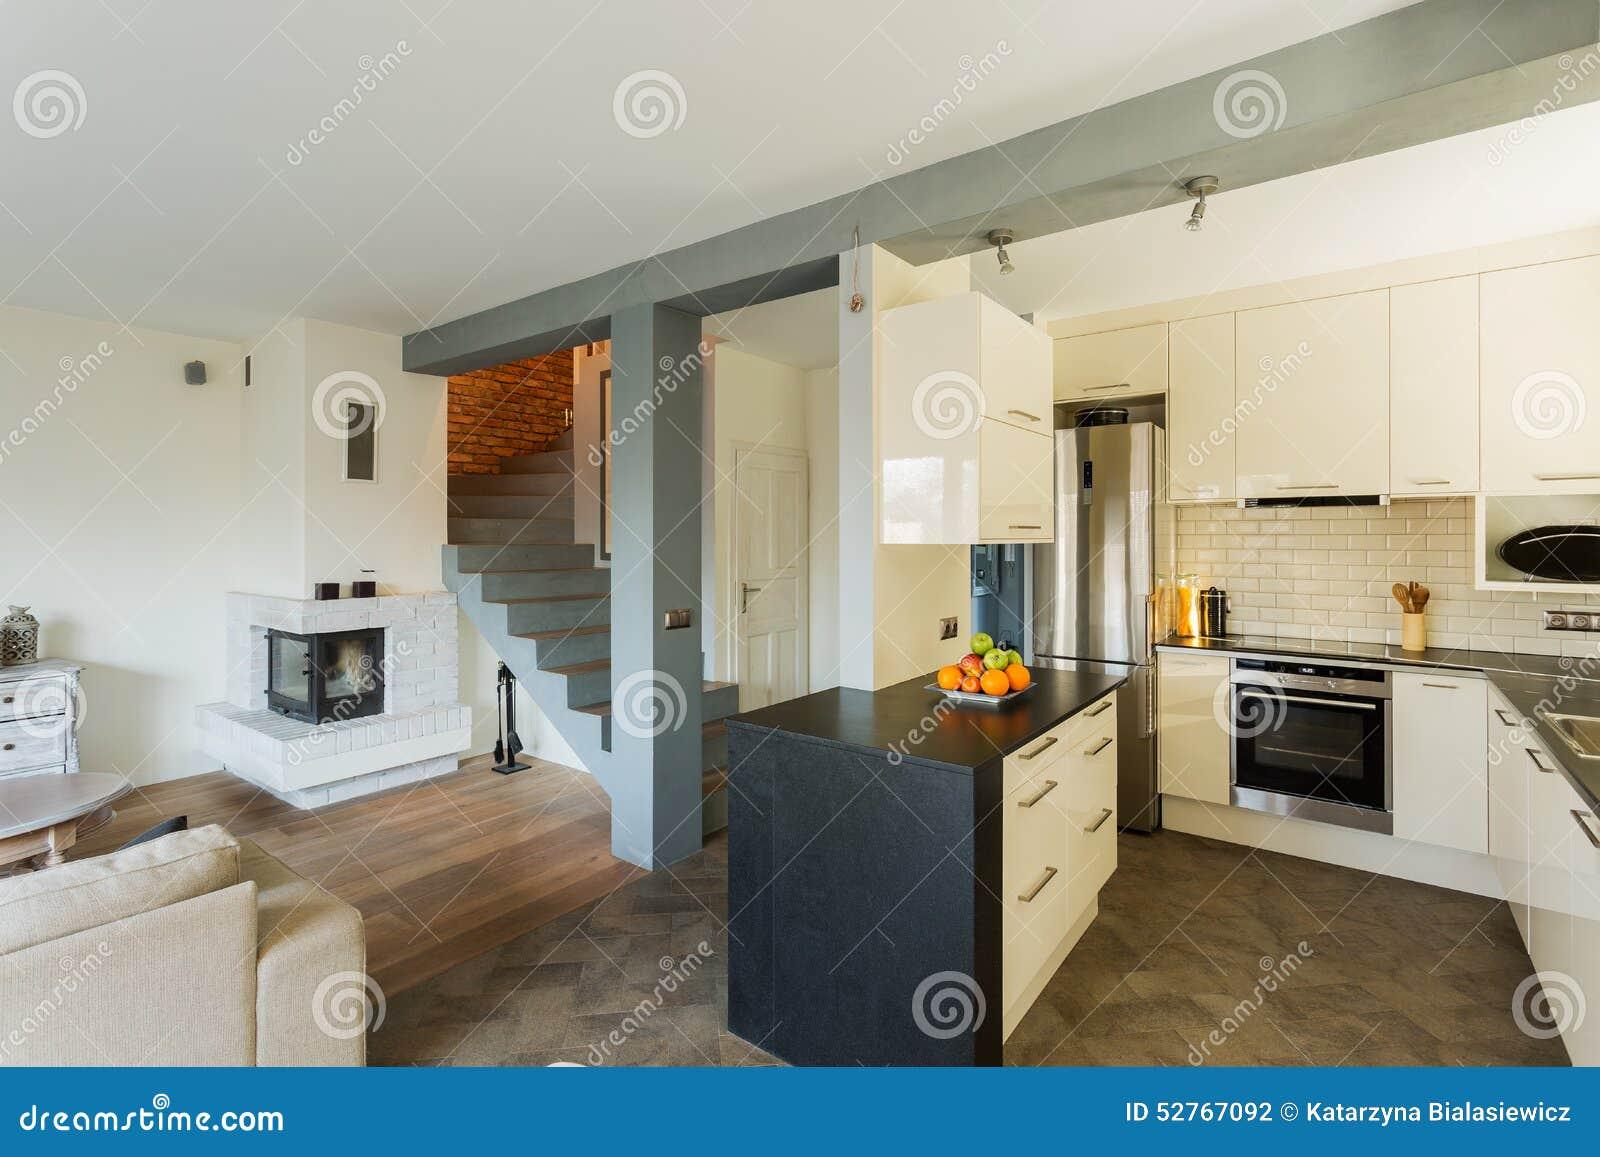 Öffnen Sie Küche Und Wohnzimmer Stockfoto - Bild: 52767092